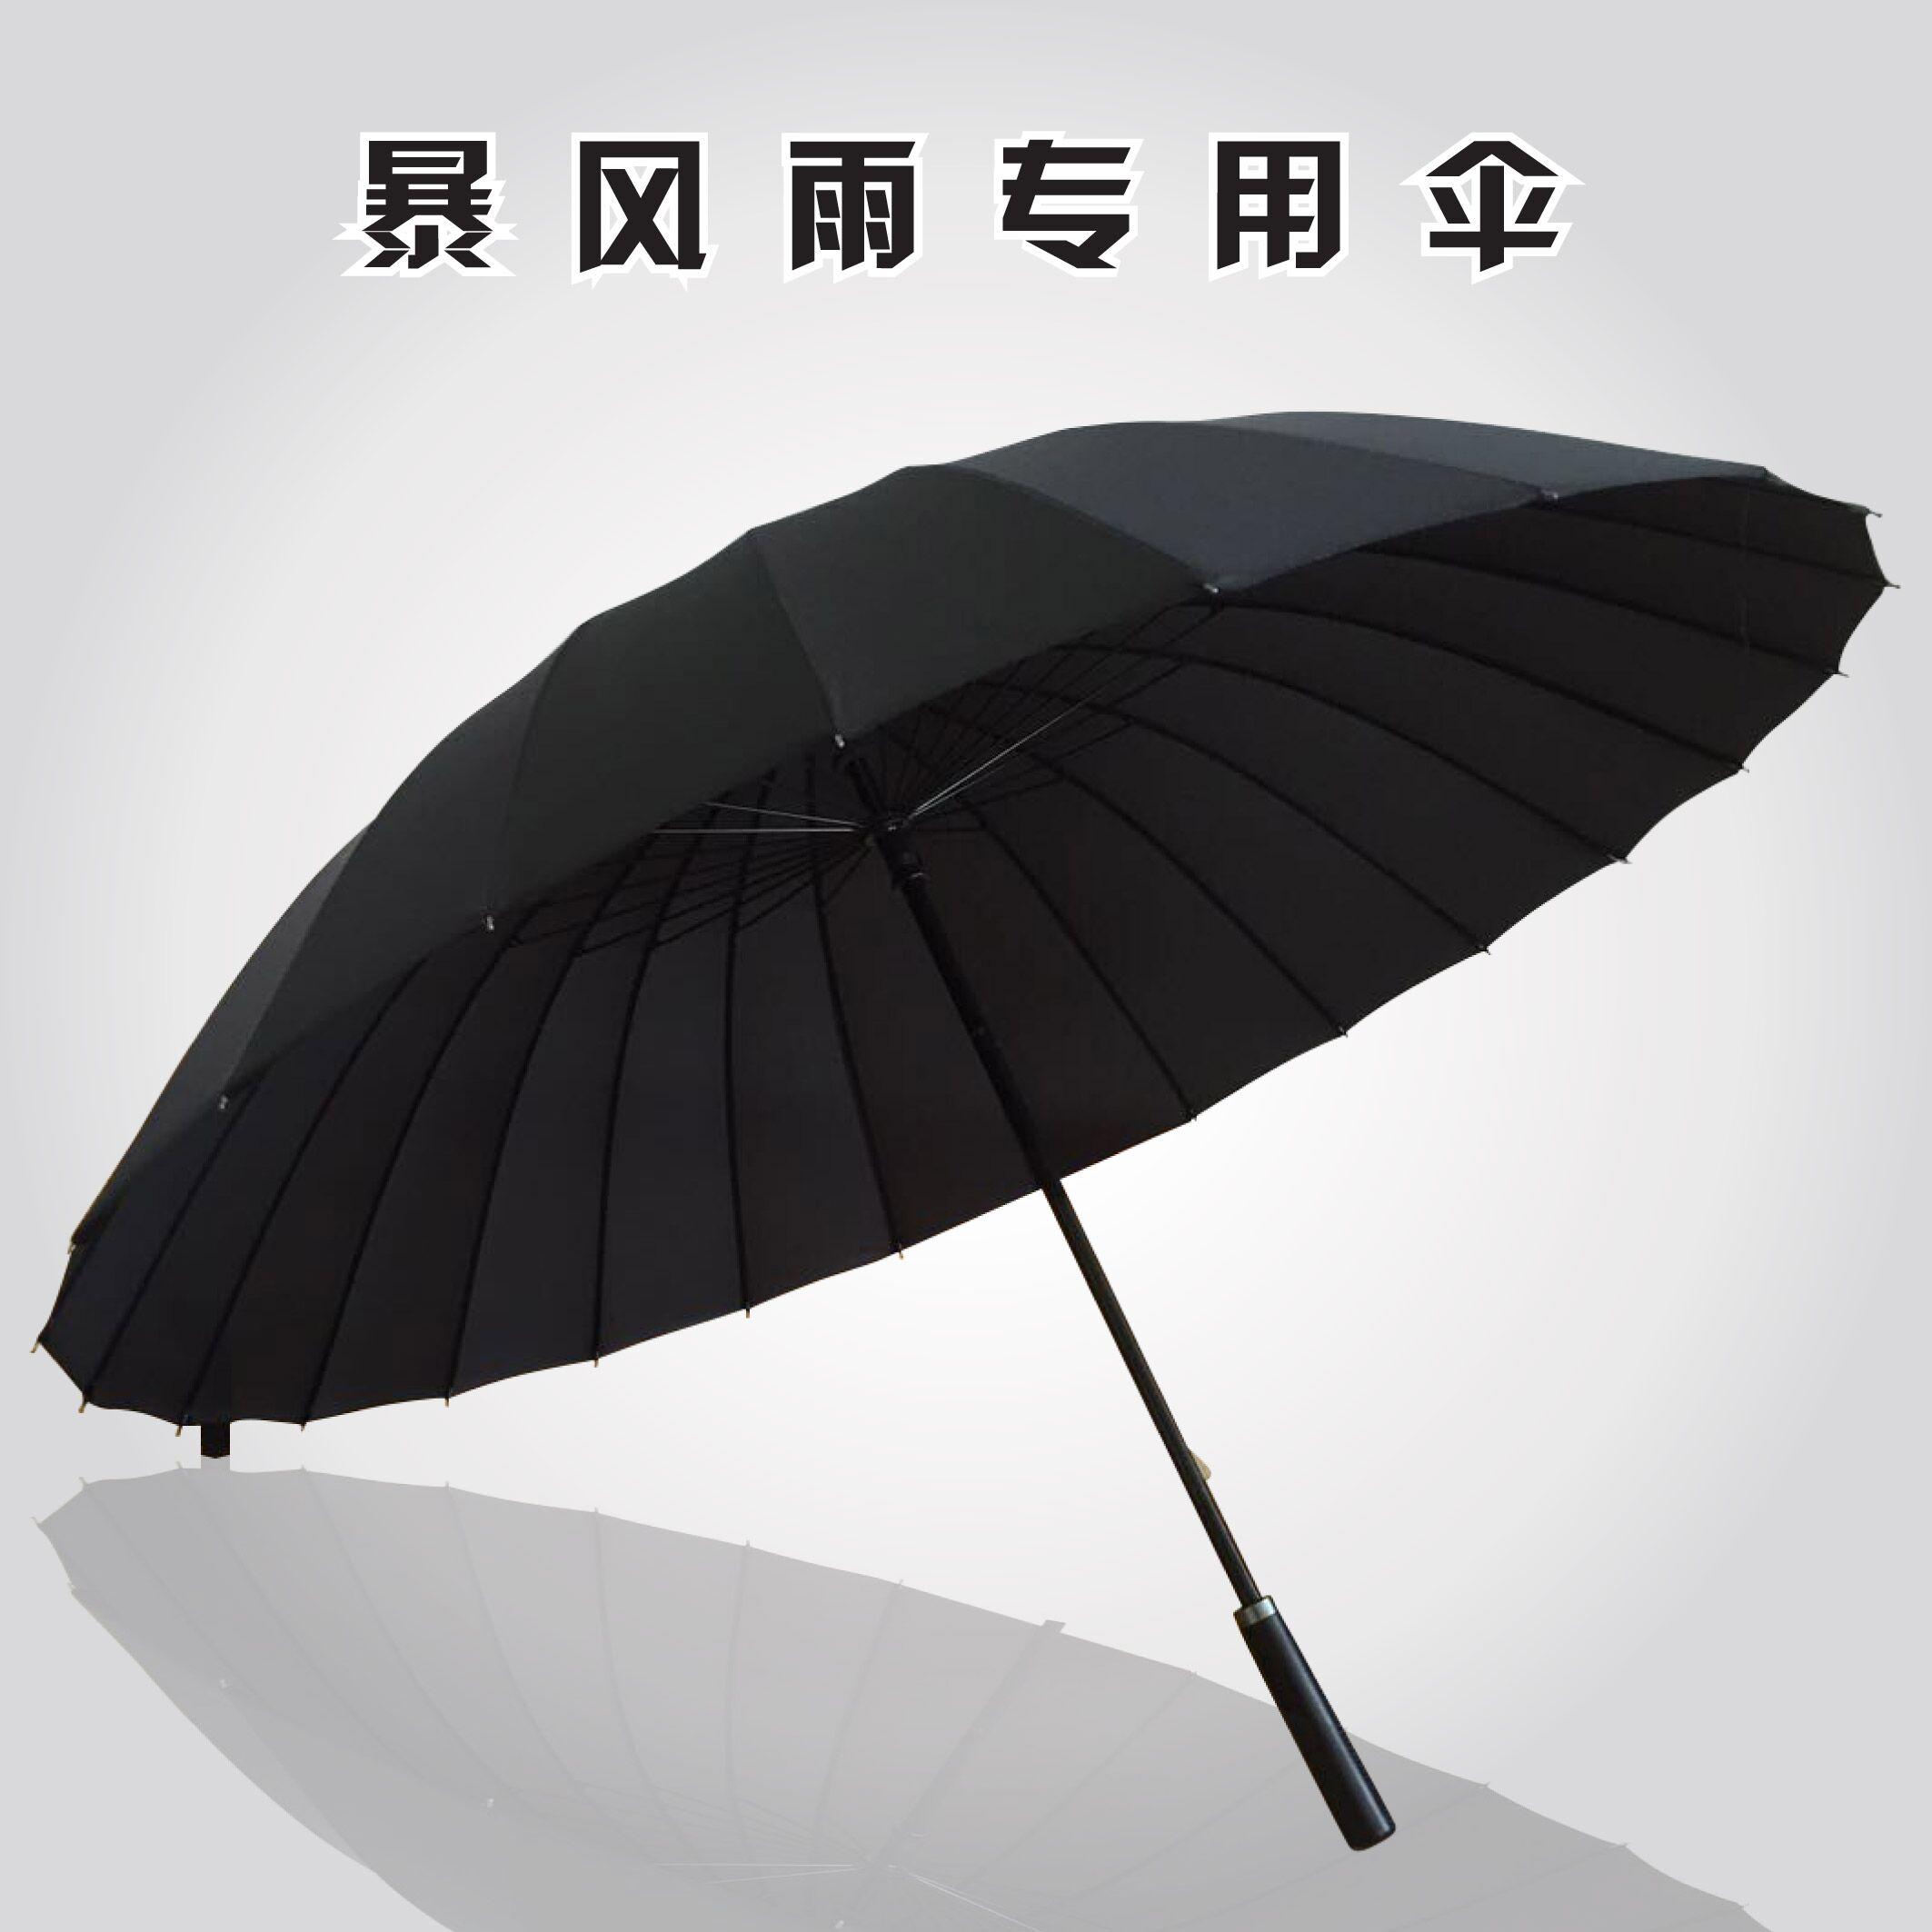 特价包邮男士长柄伞创意户外伞手动双人伞超大雨伞24骨防风广告伞